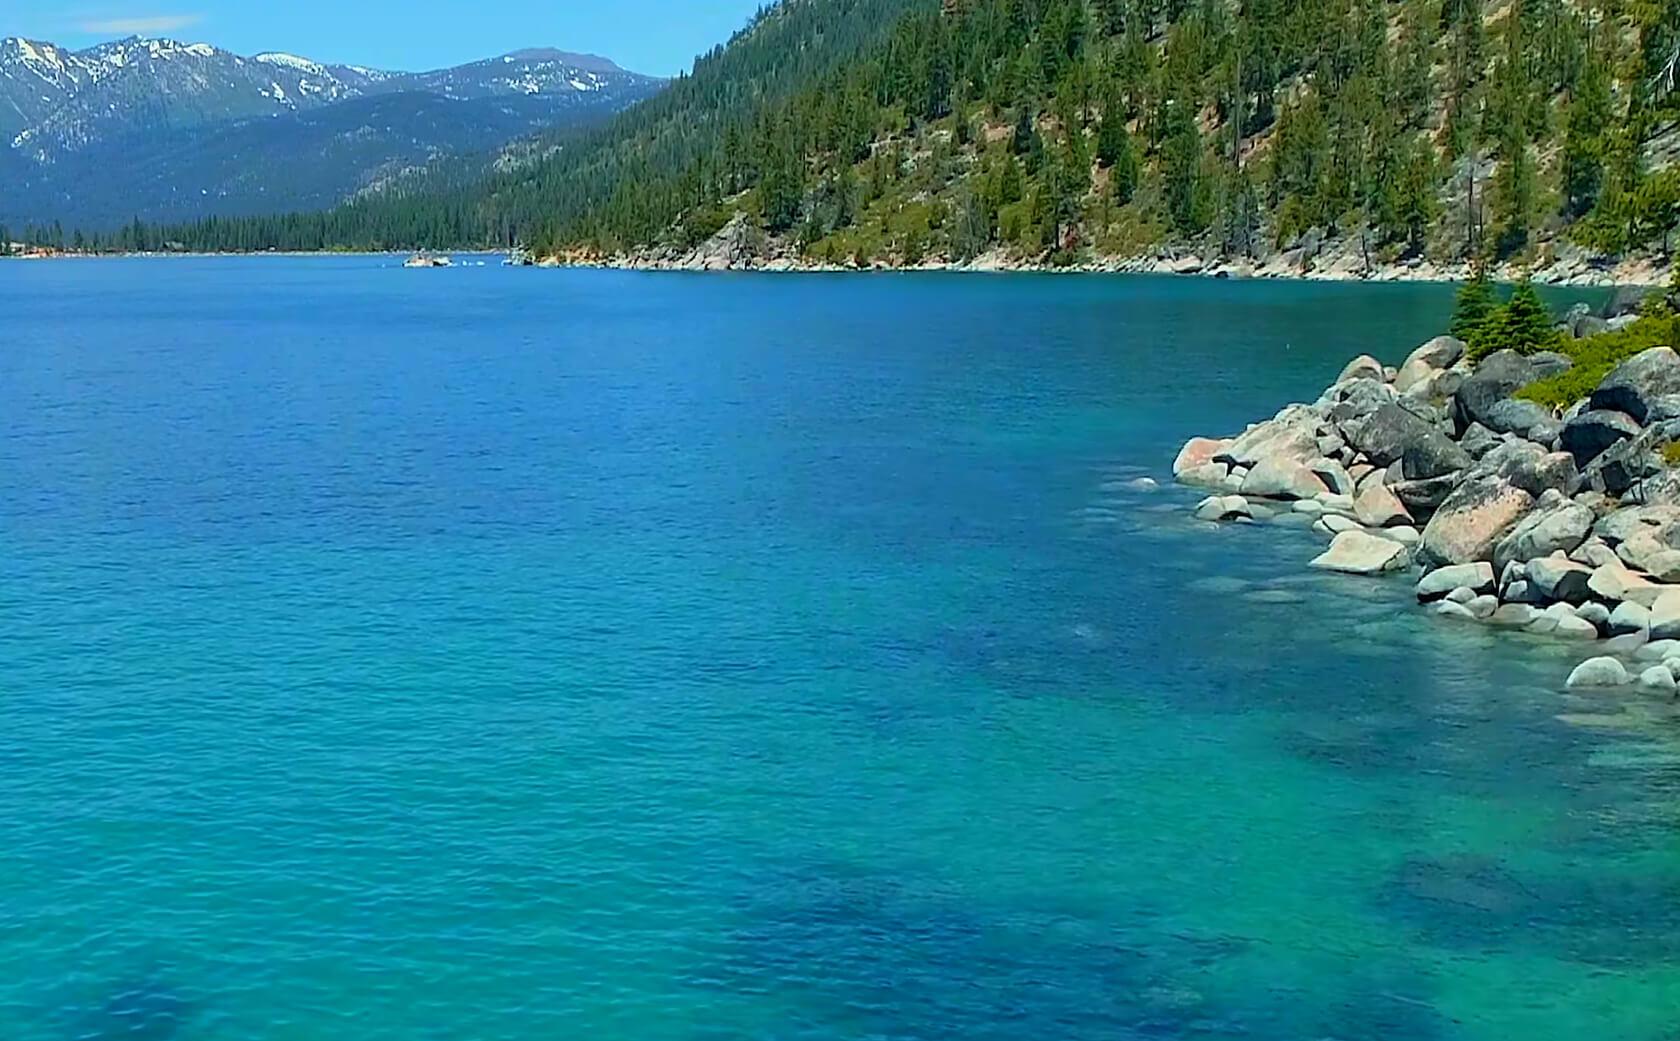 Lake-Tahoe-Fishing-Guide-NV-CA-15